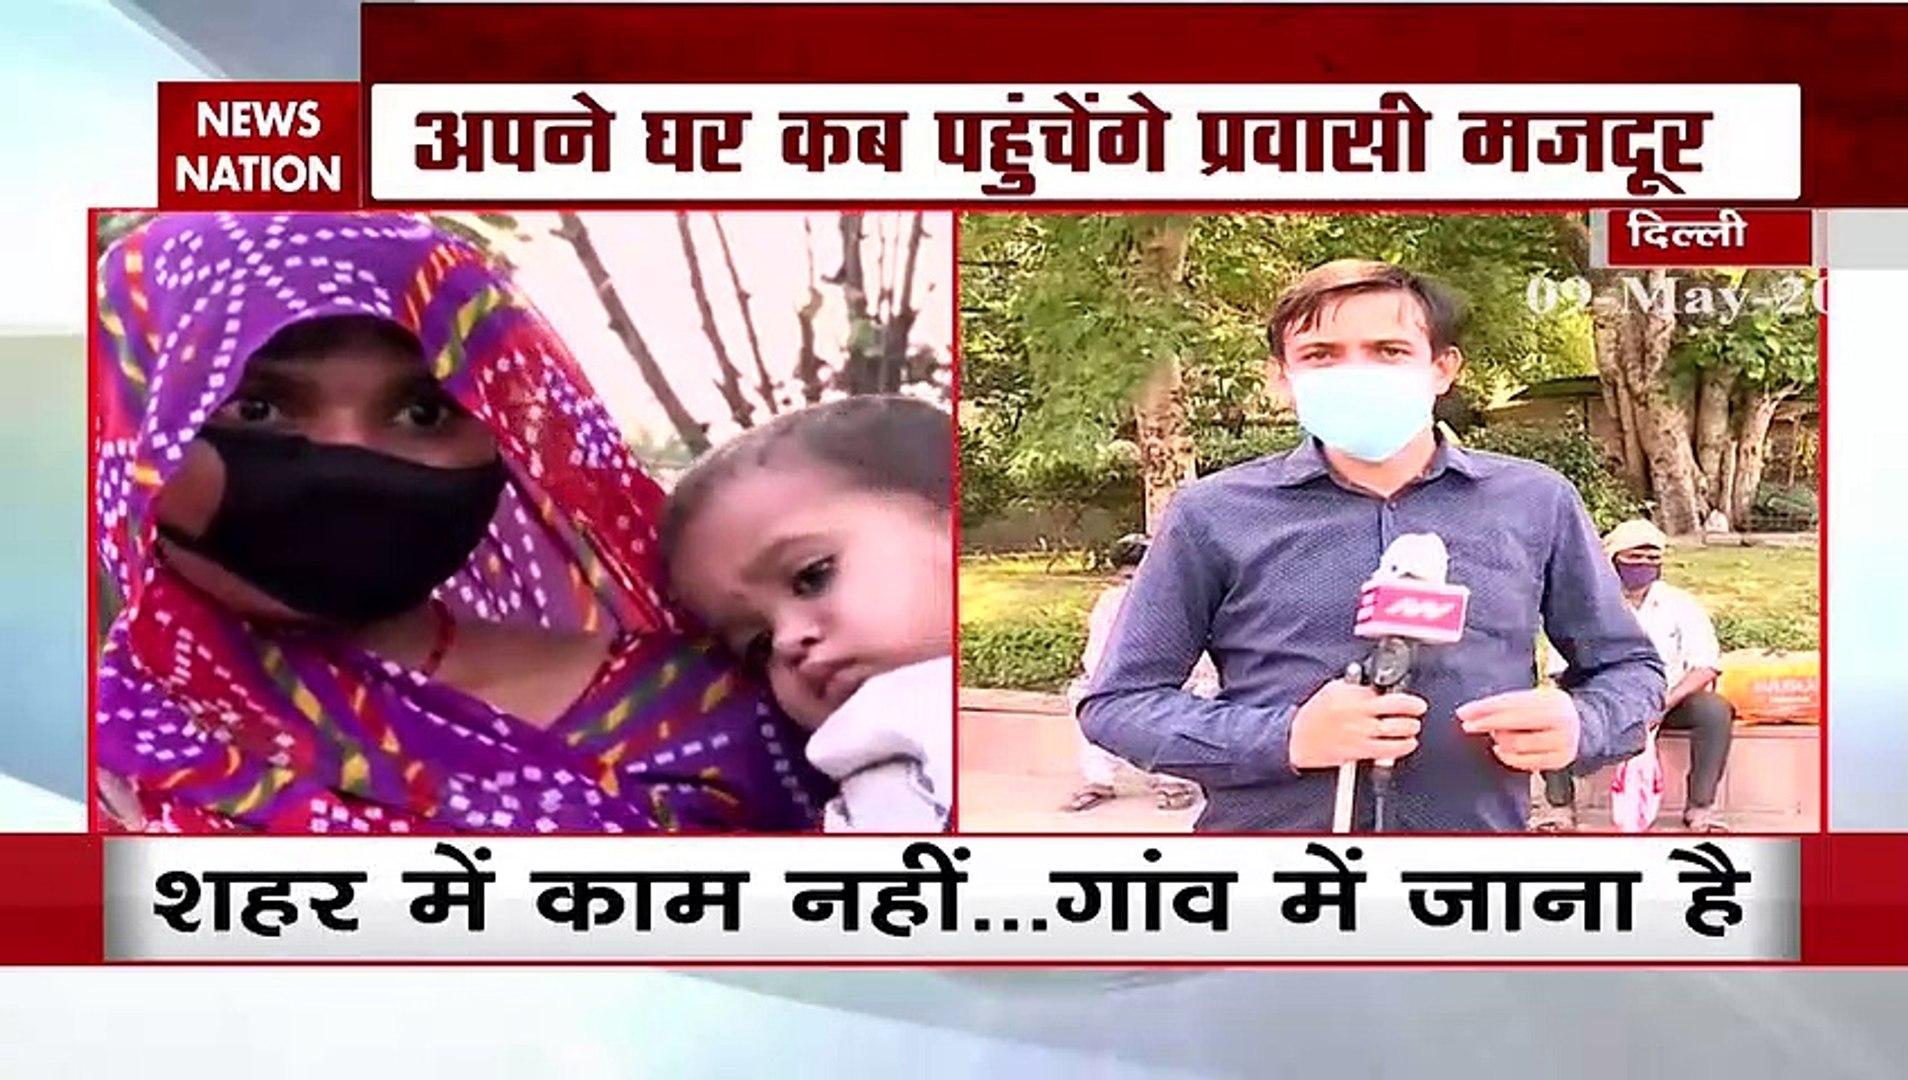 Lockdown: अपने घर जाने के लिए पैदल दिल्ली से पलायन कर रहे हैं मजदूर